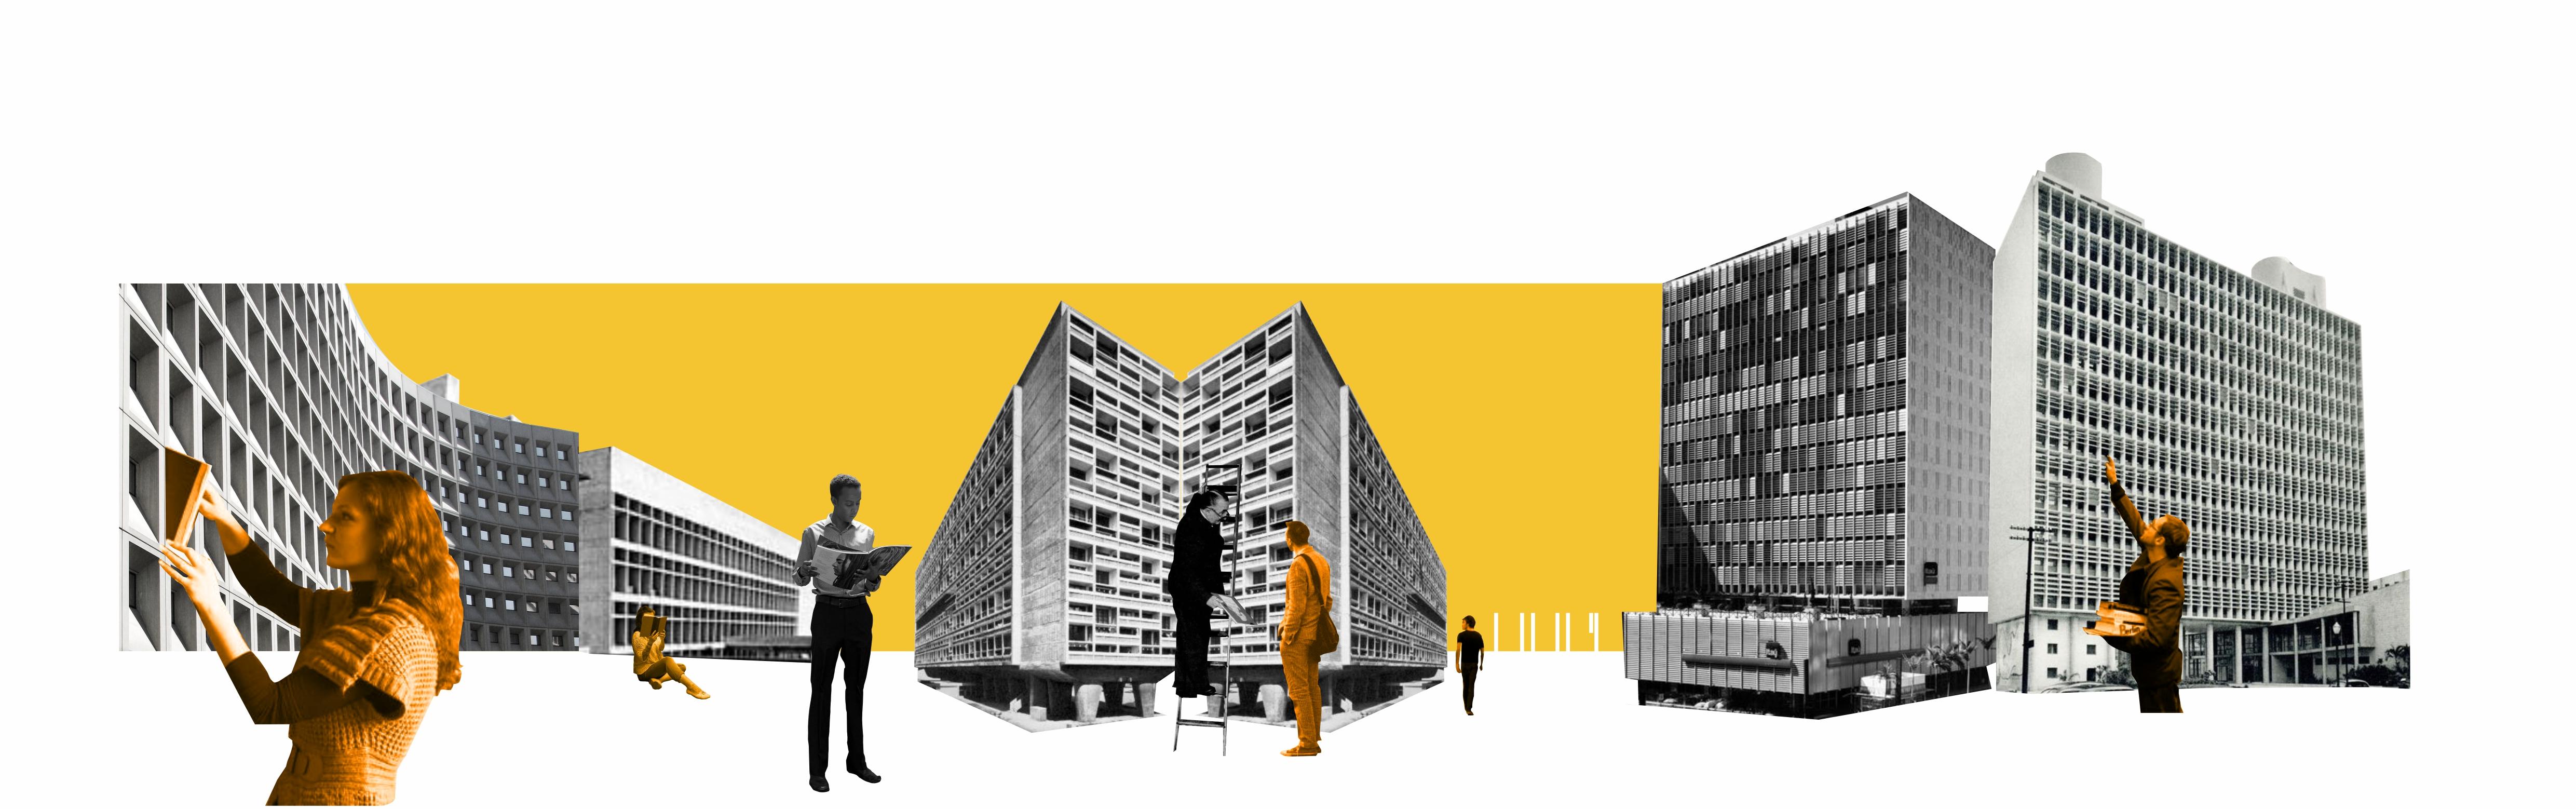 Arquiteto faz colagens que buscam novos olhares sobre lugares conhecidos